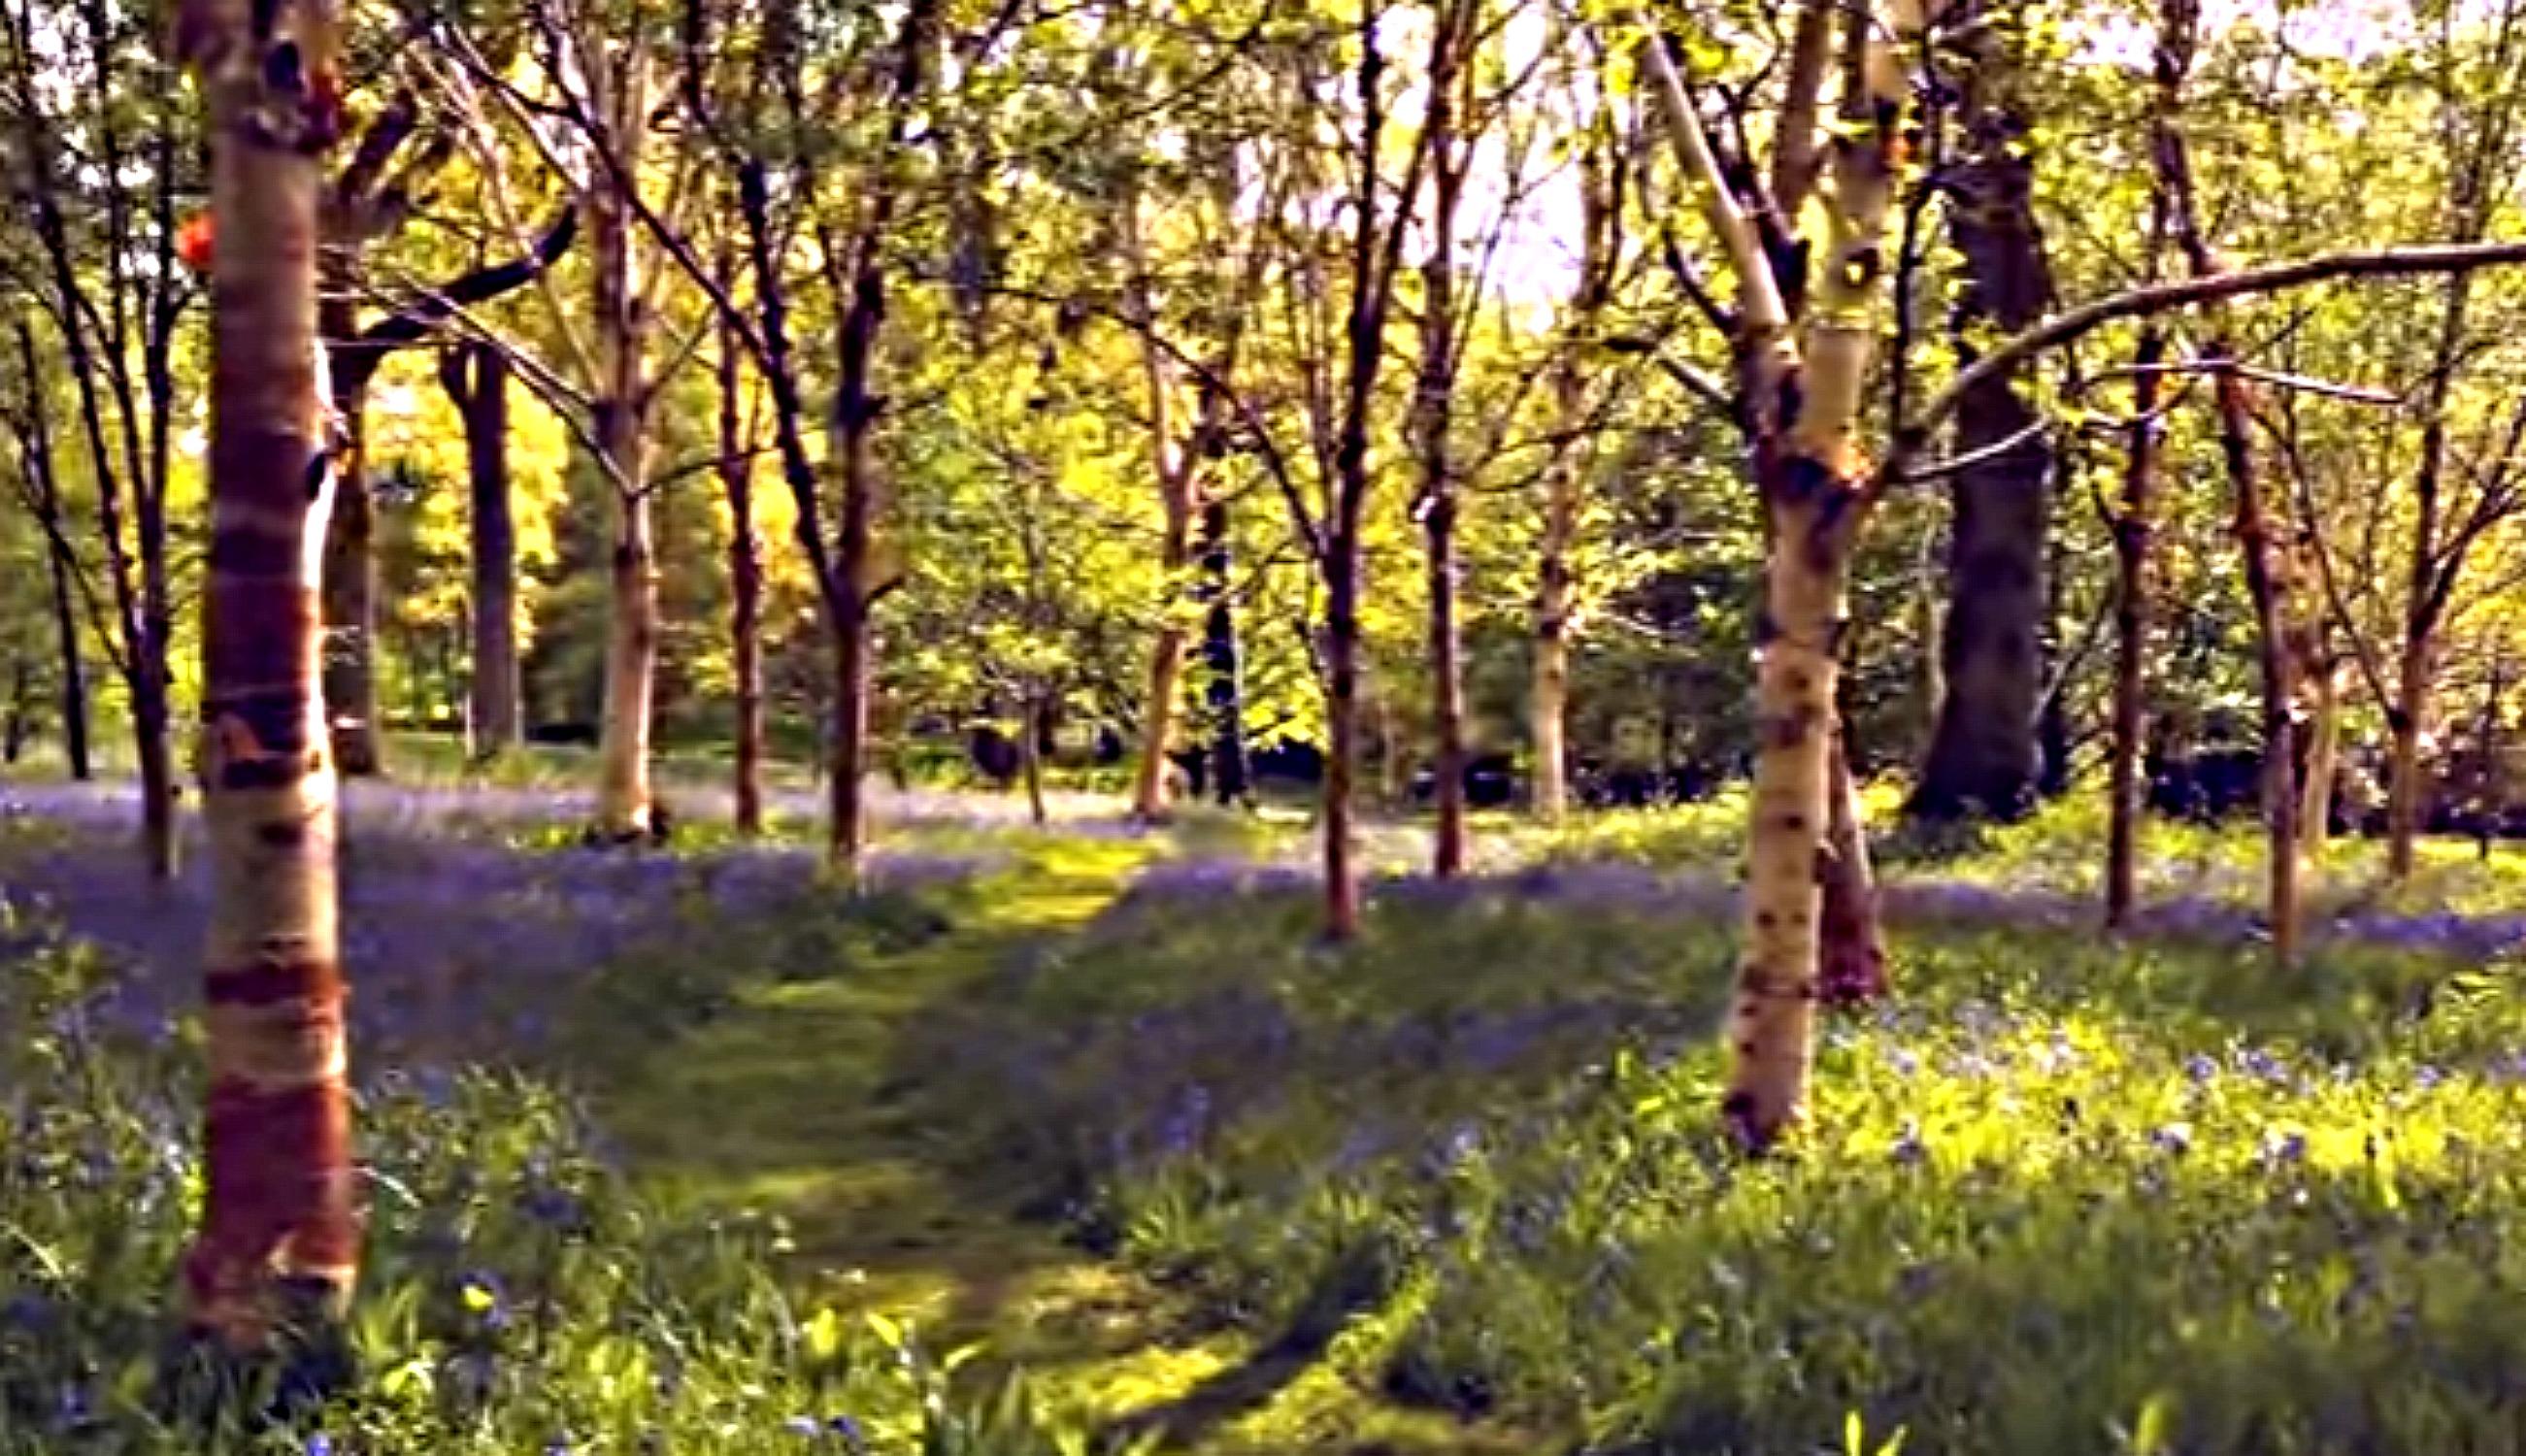 Spring at Wakehurst, Kew's garden in Sussex